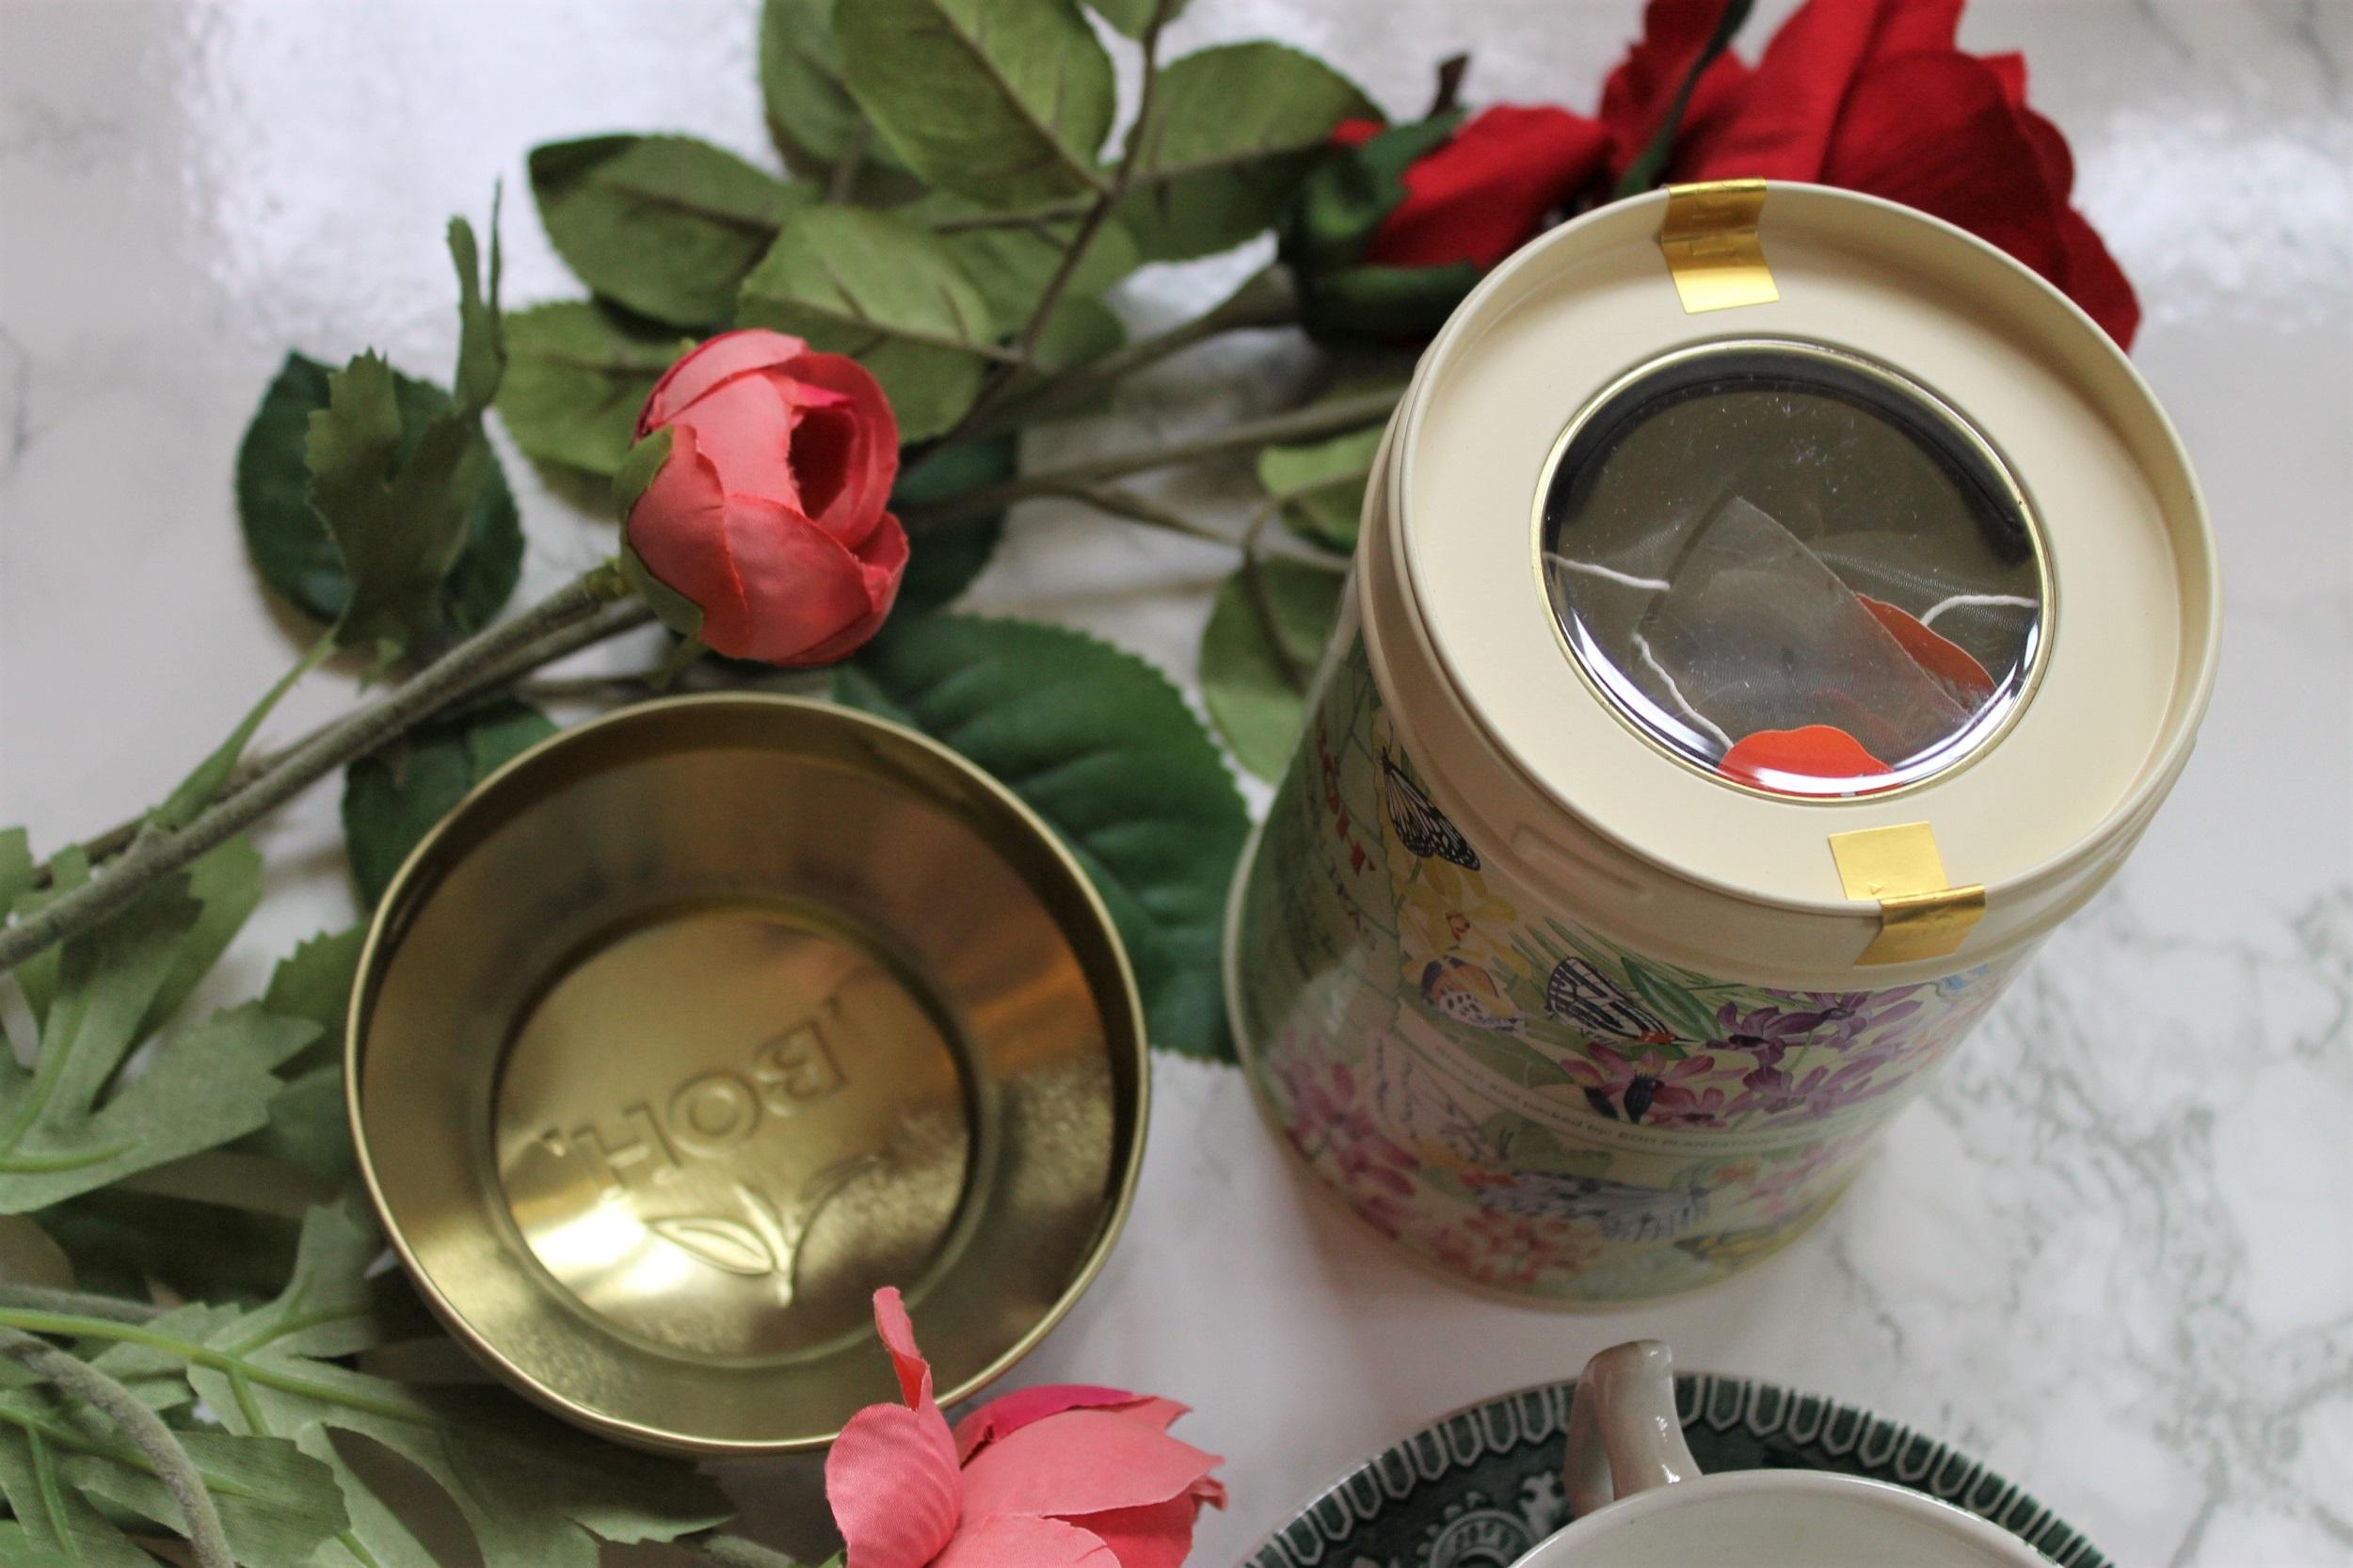 boh garden teas tin